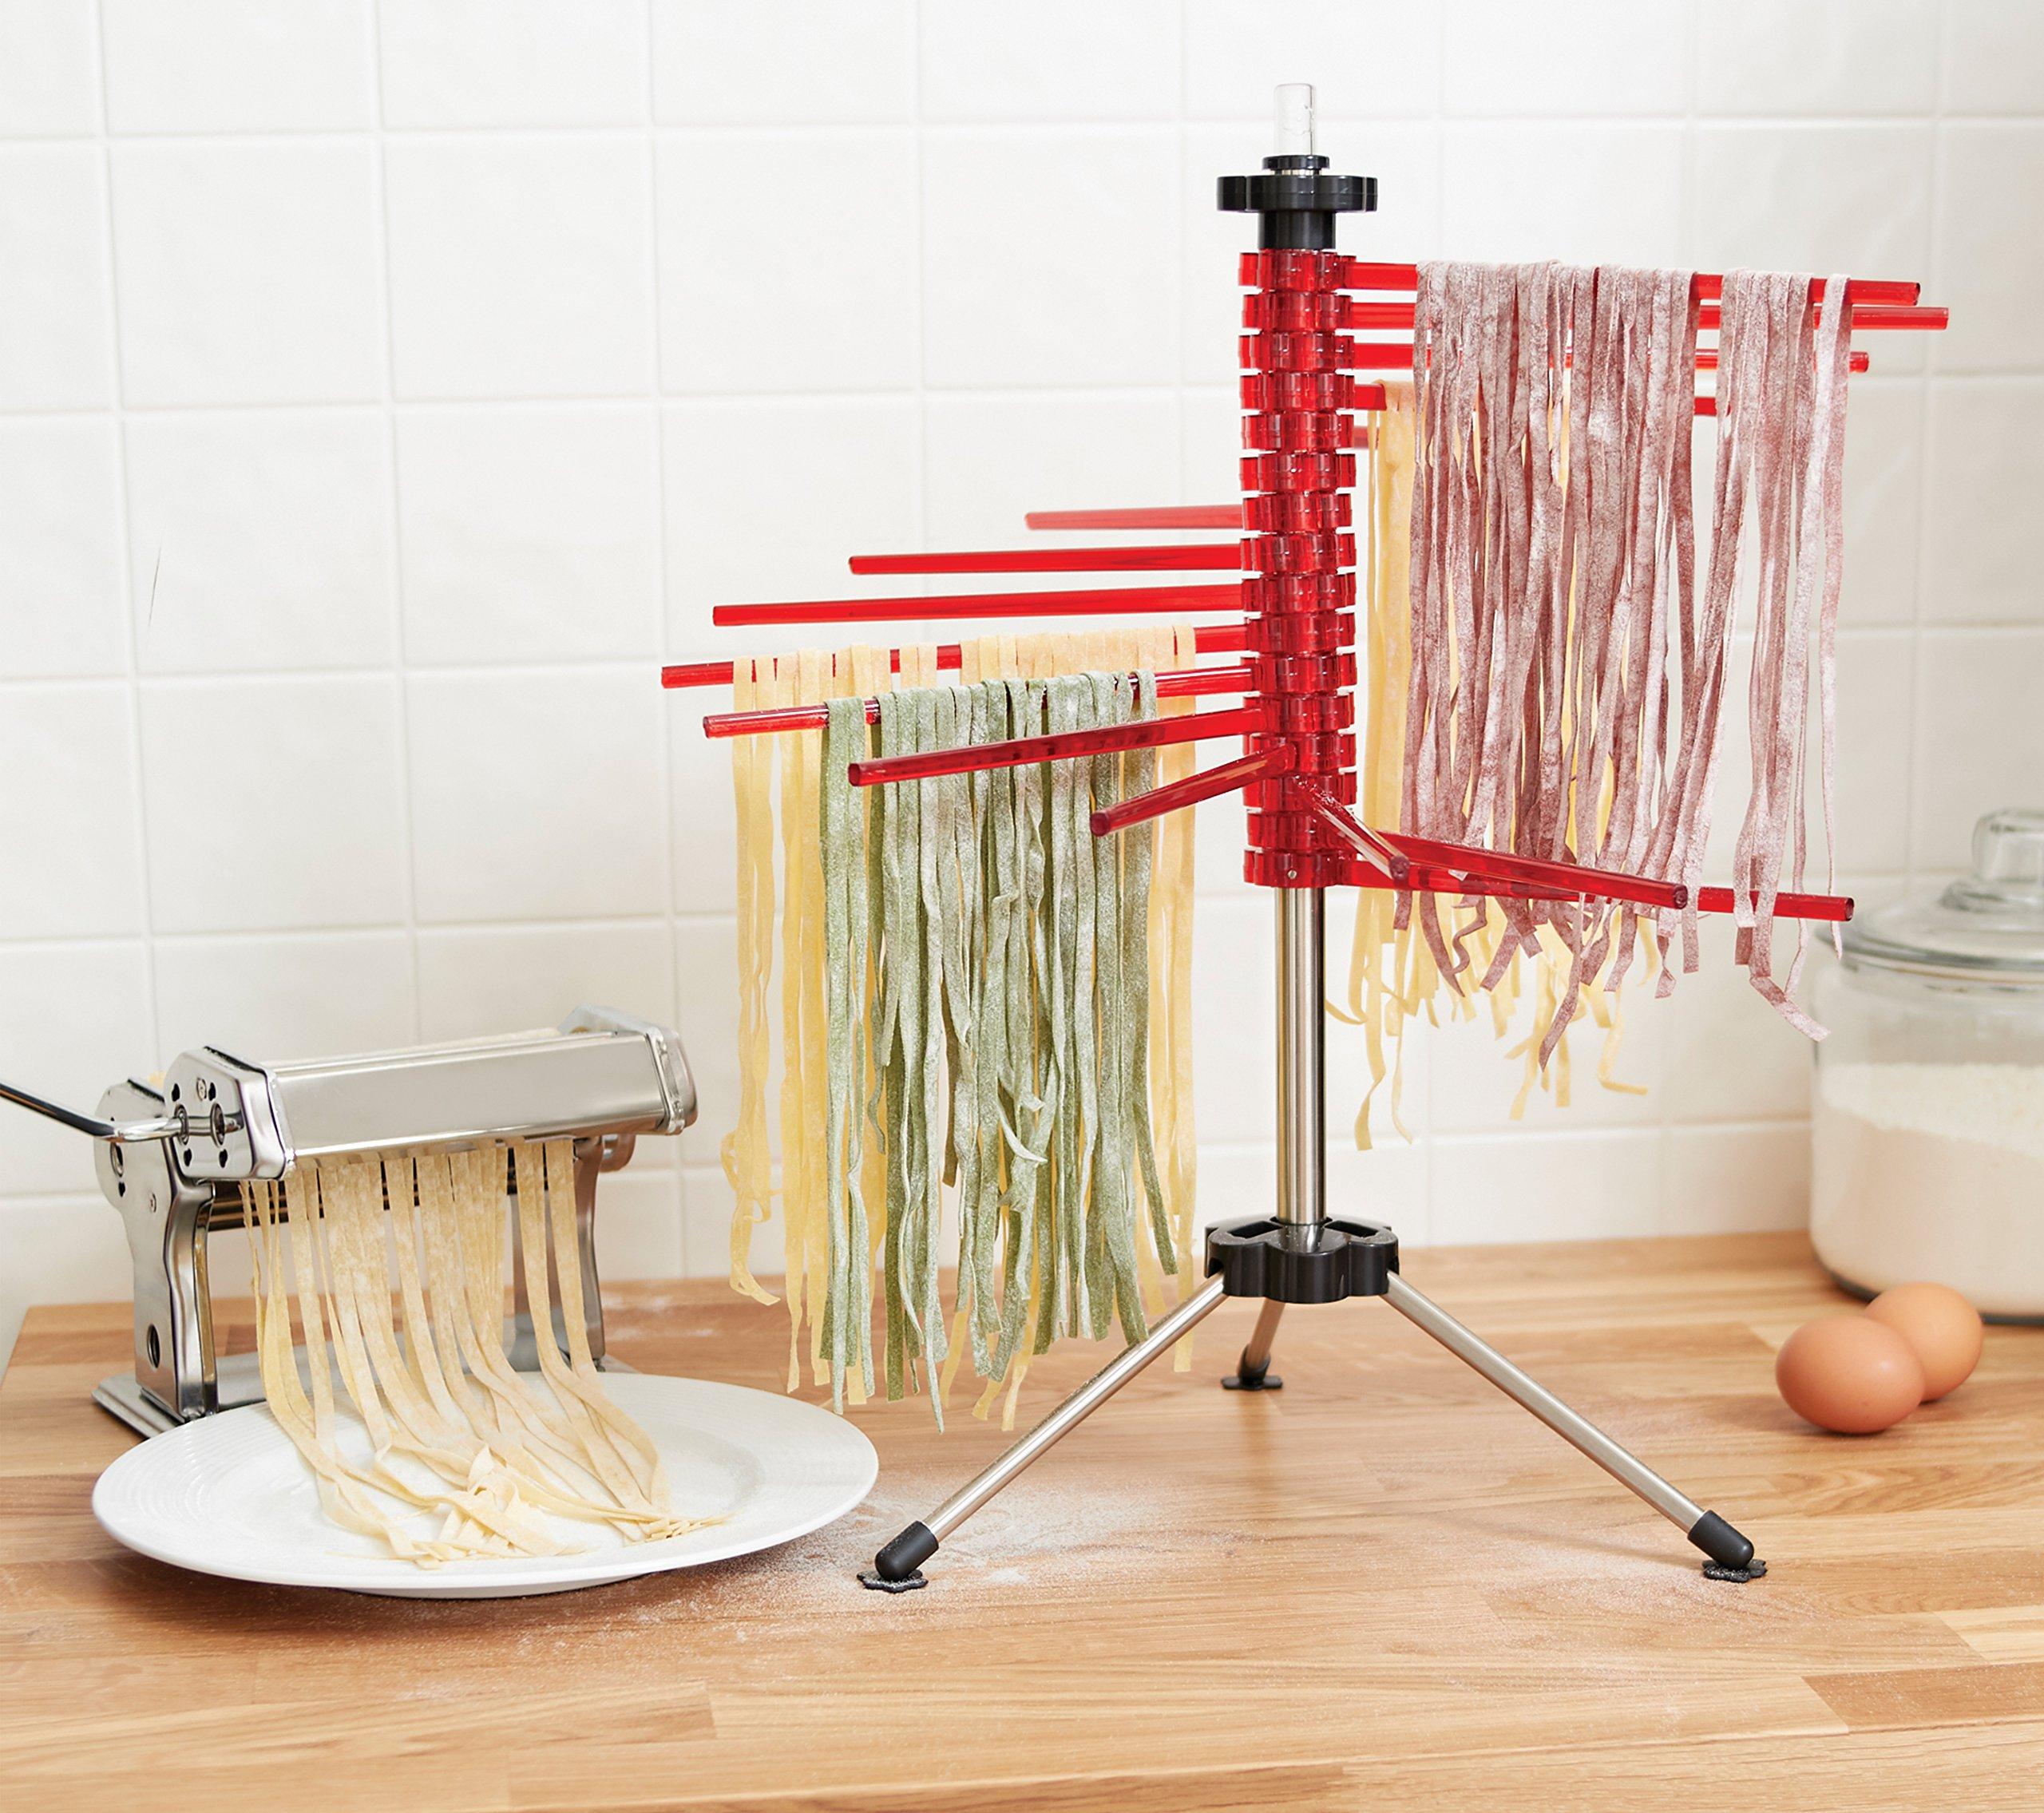 Fox Run 11654 Pasta Drying Rack, 18.5'', Red by Fox Run (Image #5)